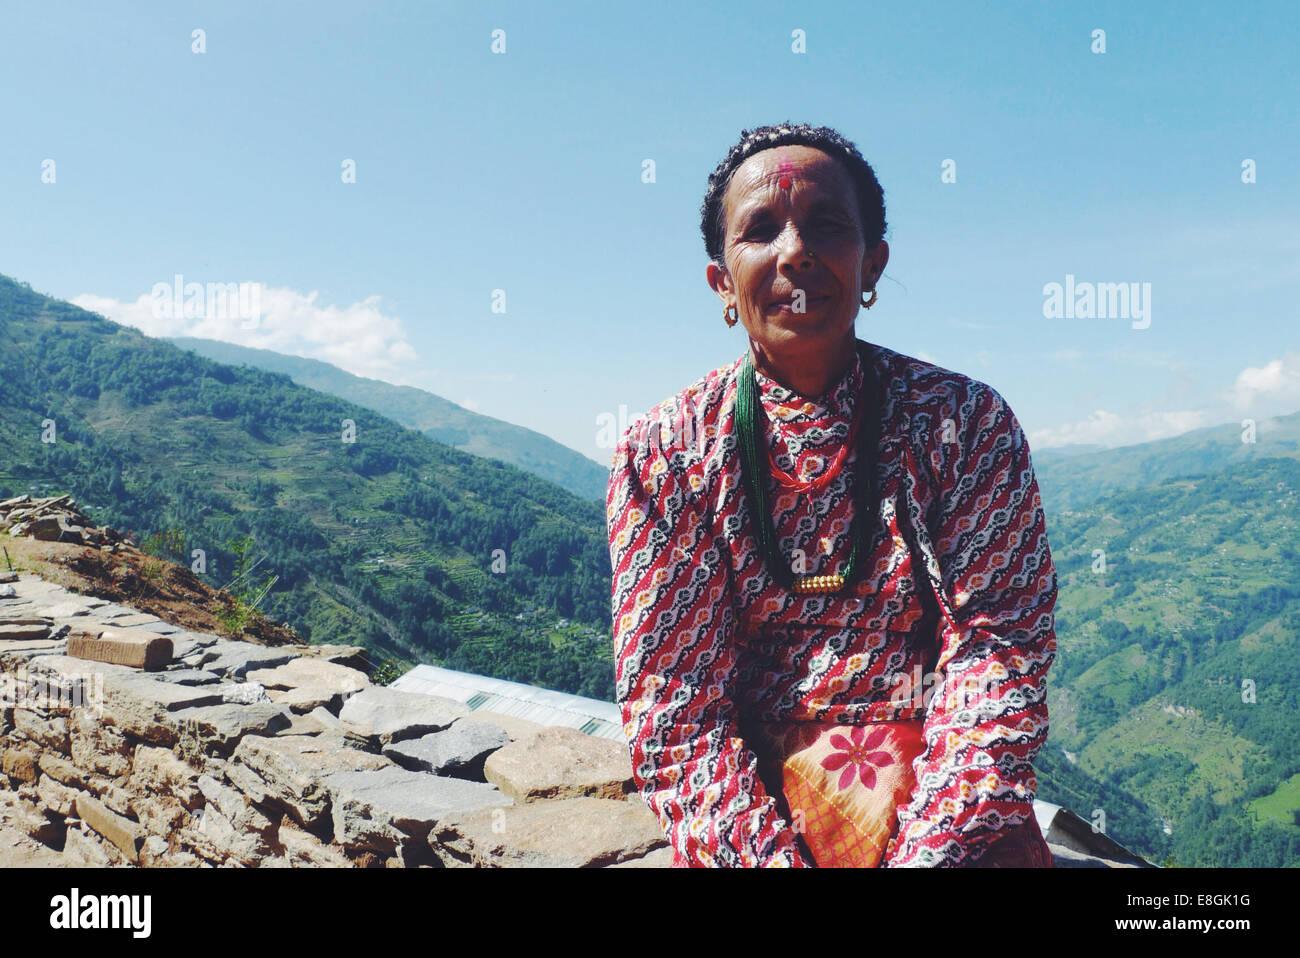 Portrait de femme assise sur le mur de pierre en montagne Photo Stock